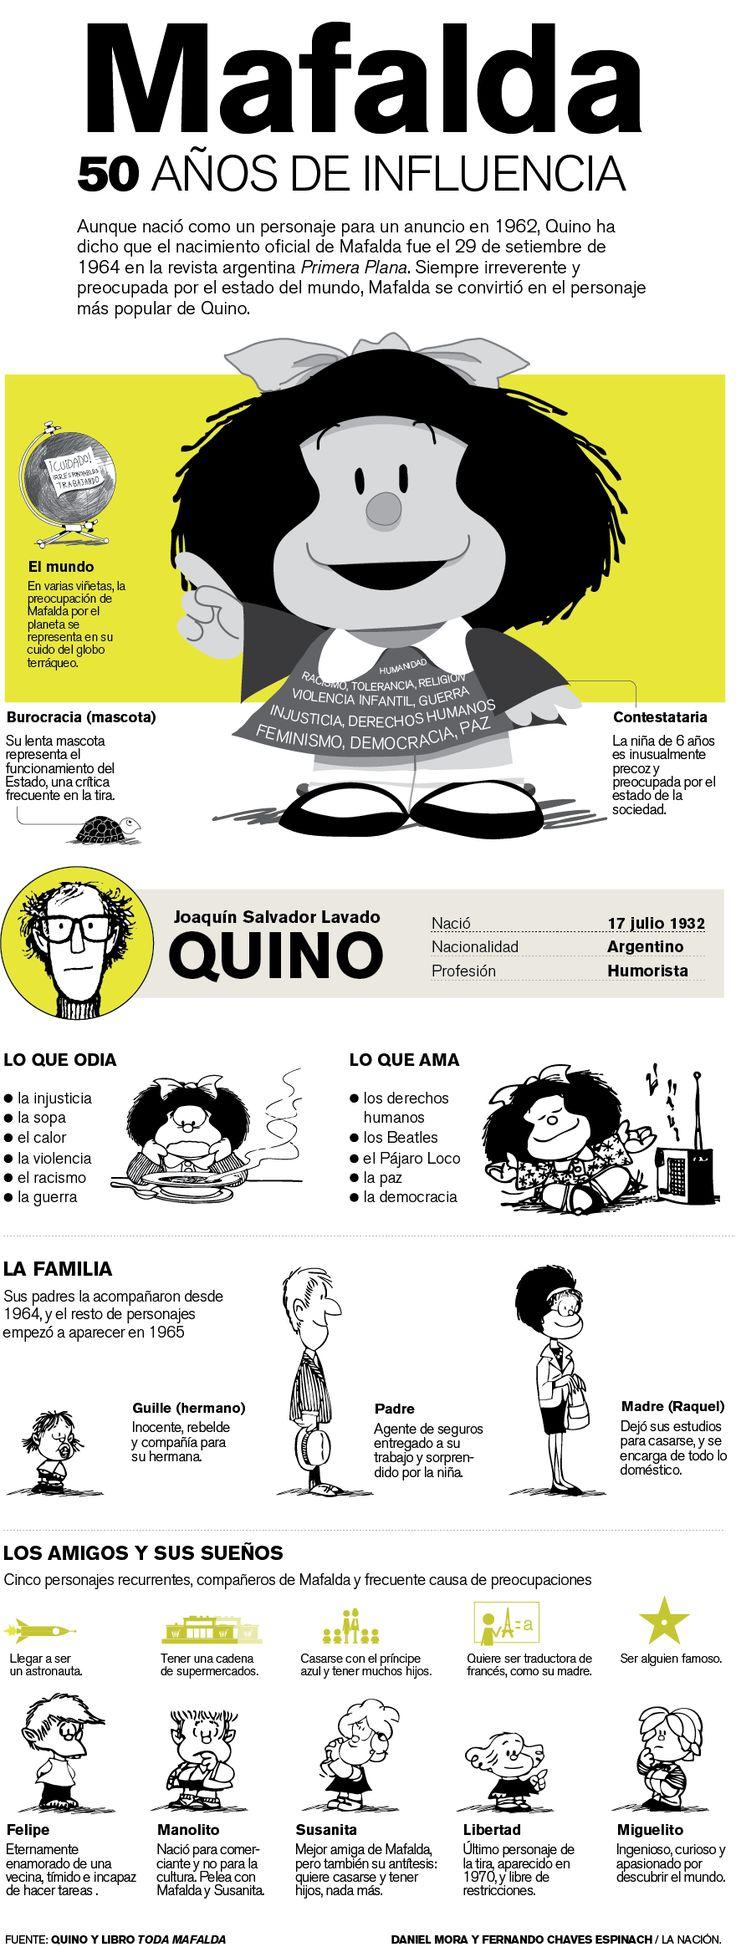 La infinita irreverencia de #Mafalda llega a los 50 años: http://bit.ly/1dEpaOV vía @Noelia Montero #infografia